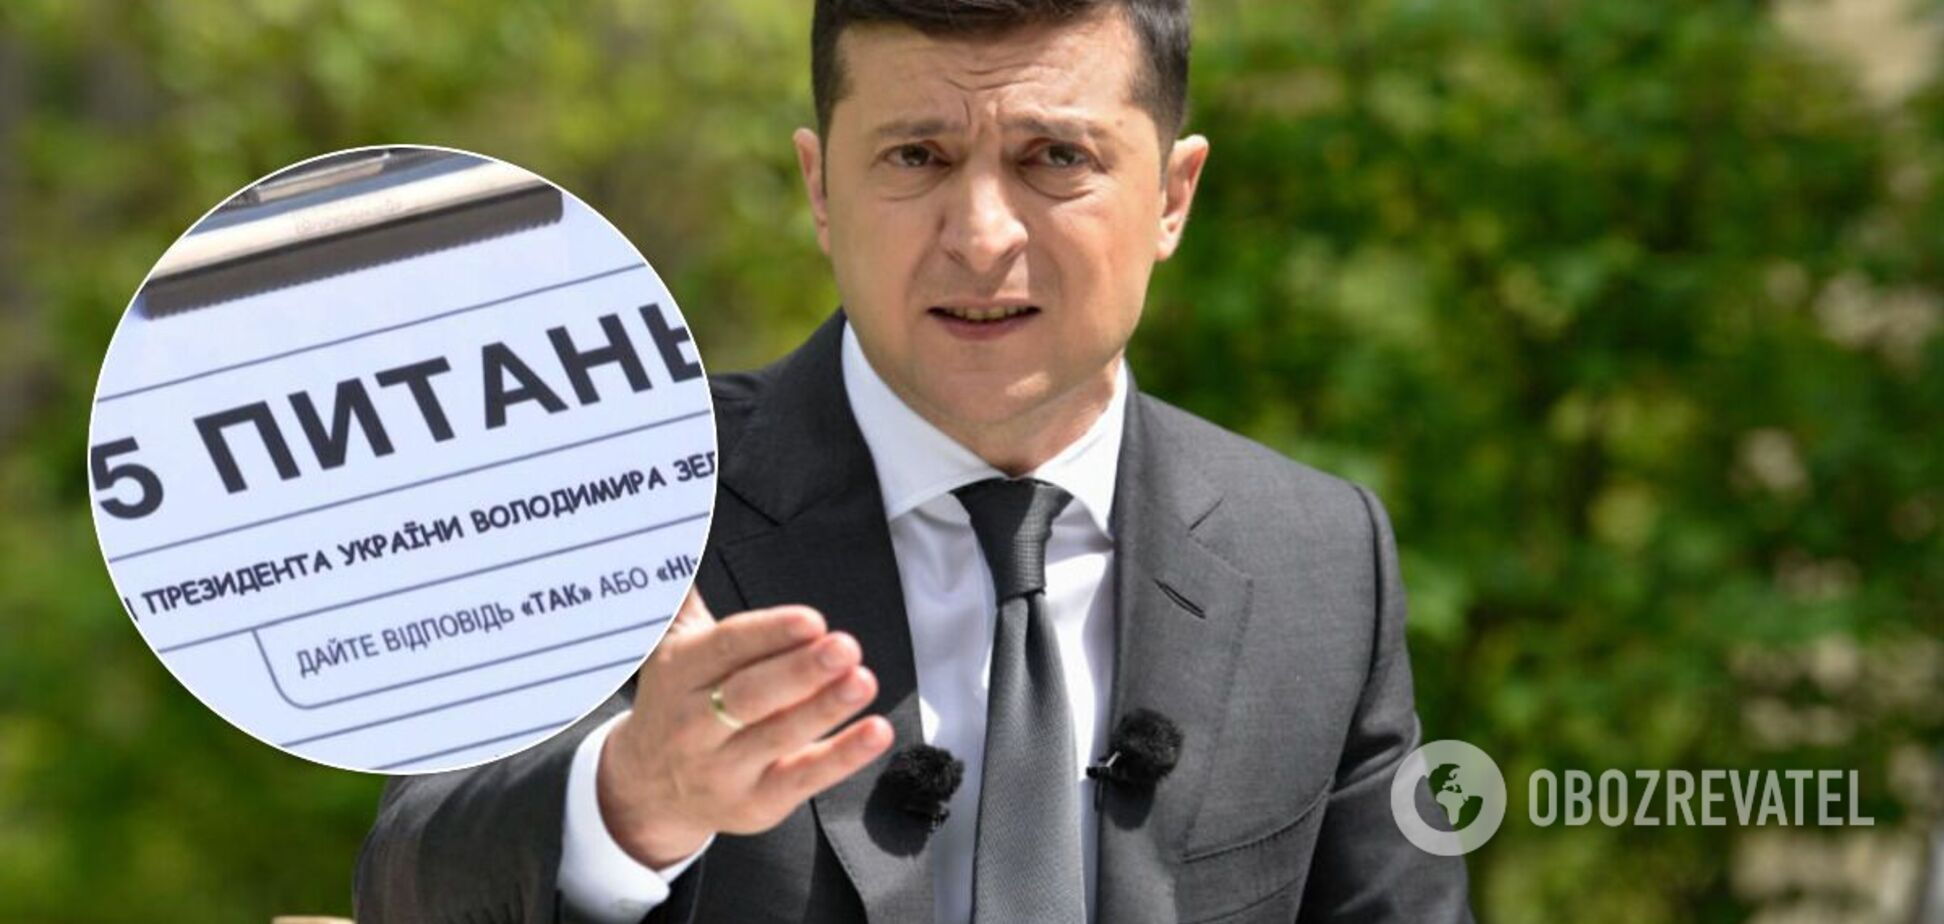 ОБСЄ відмітила грубе порушення, яке влаштував на виборах президент України